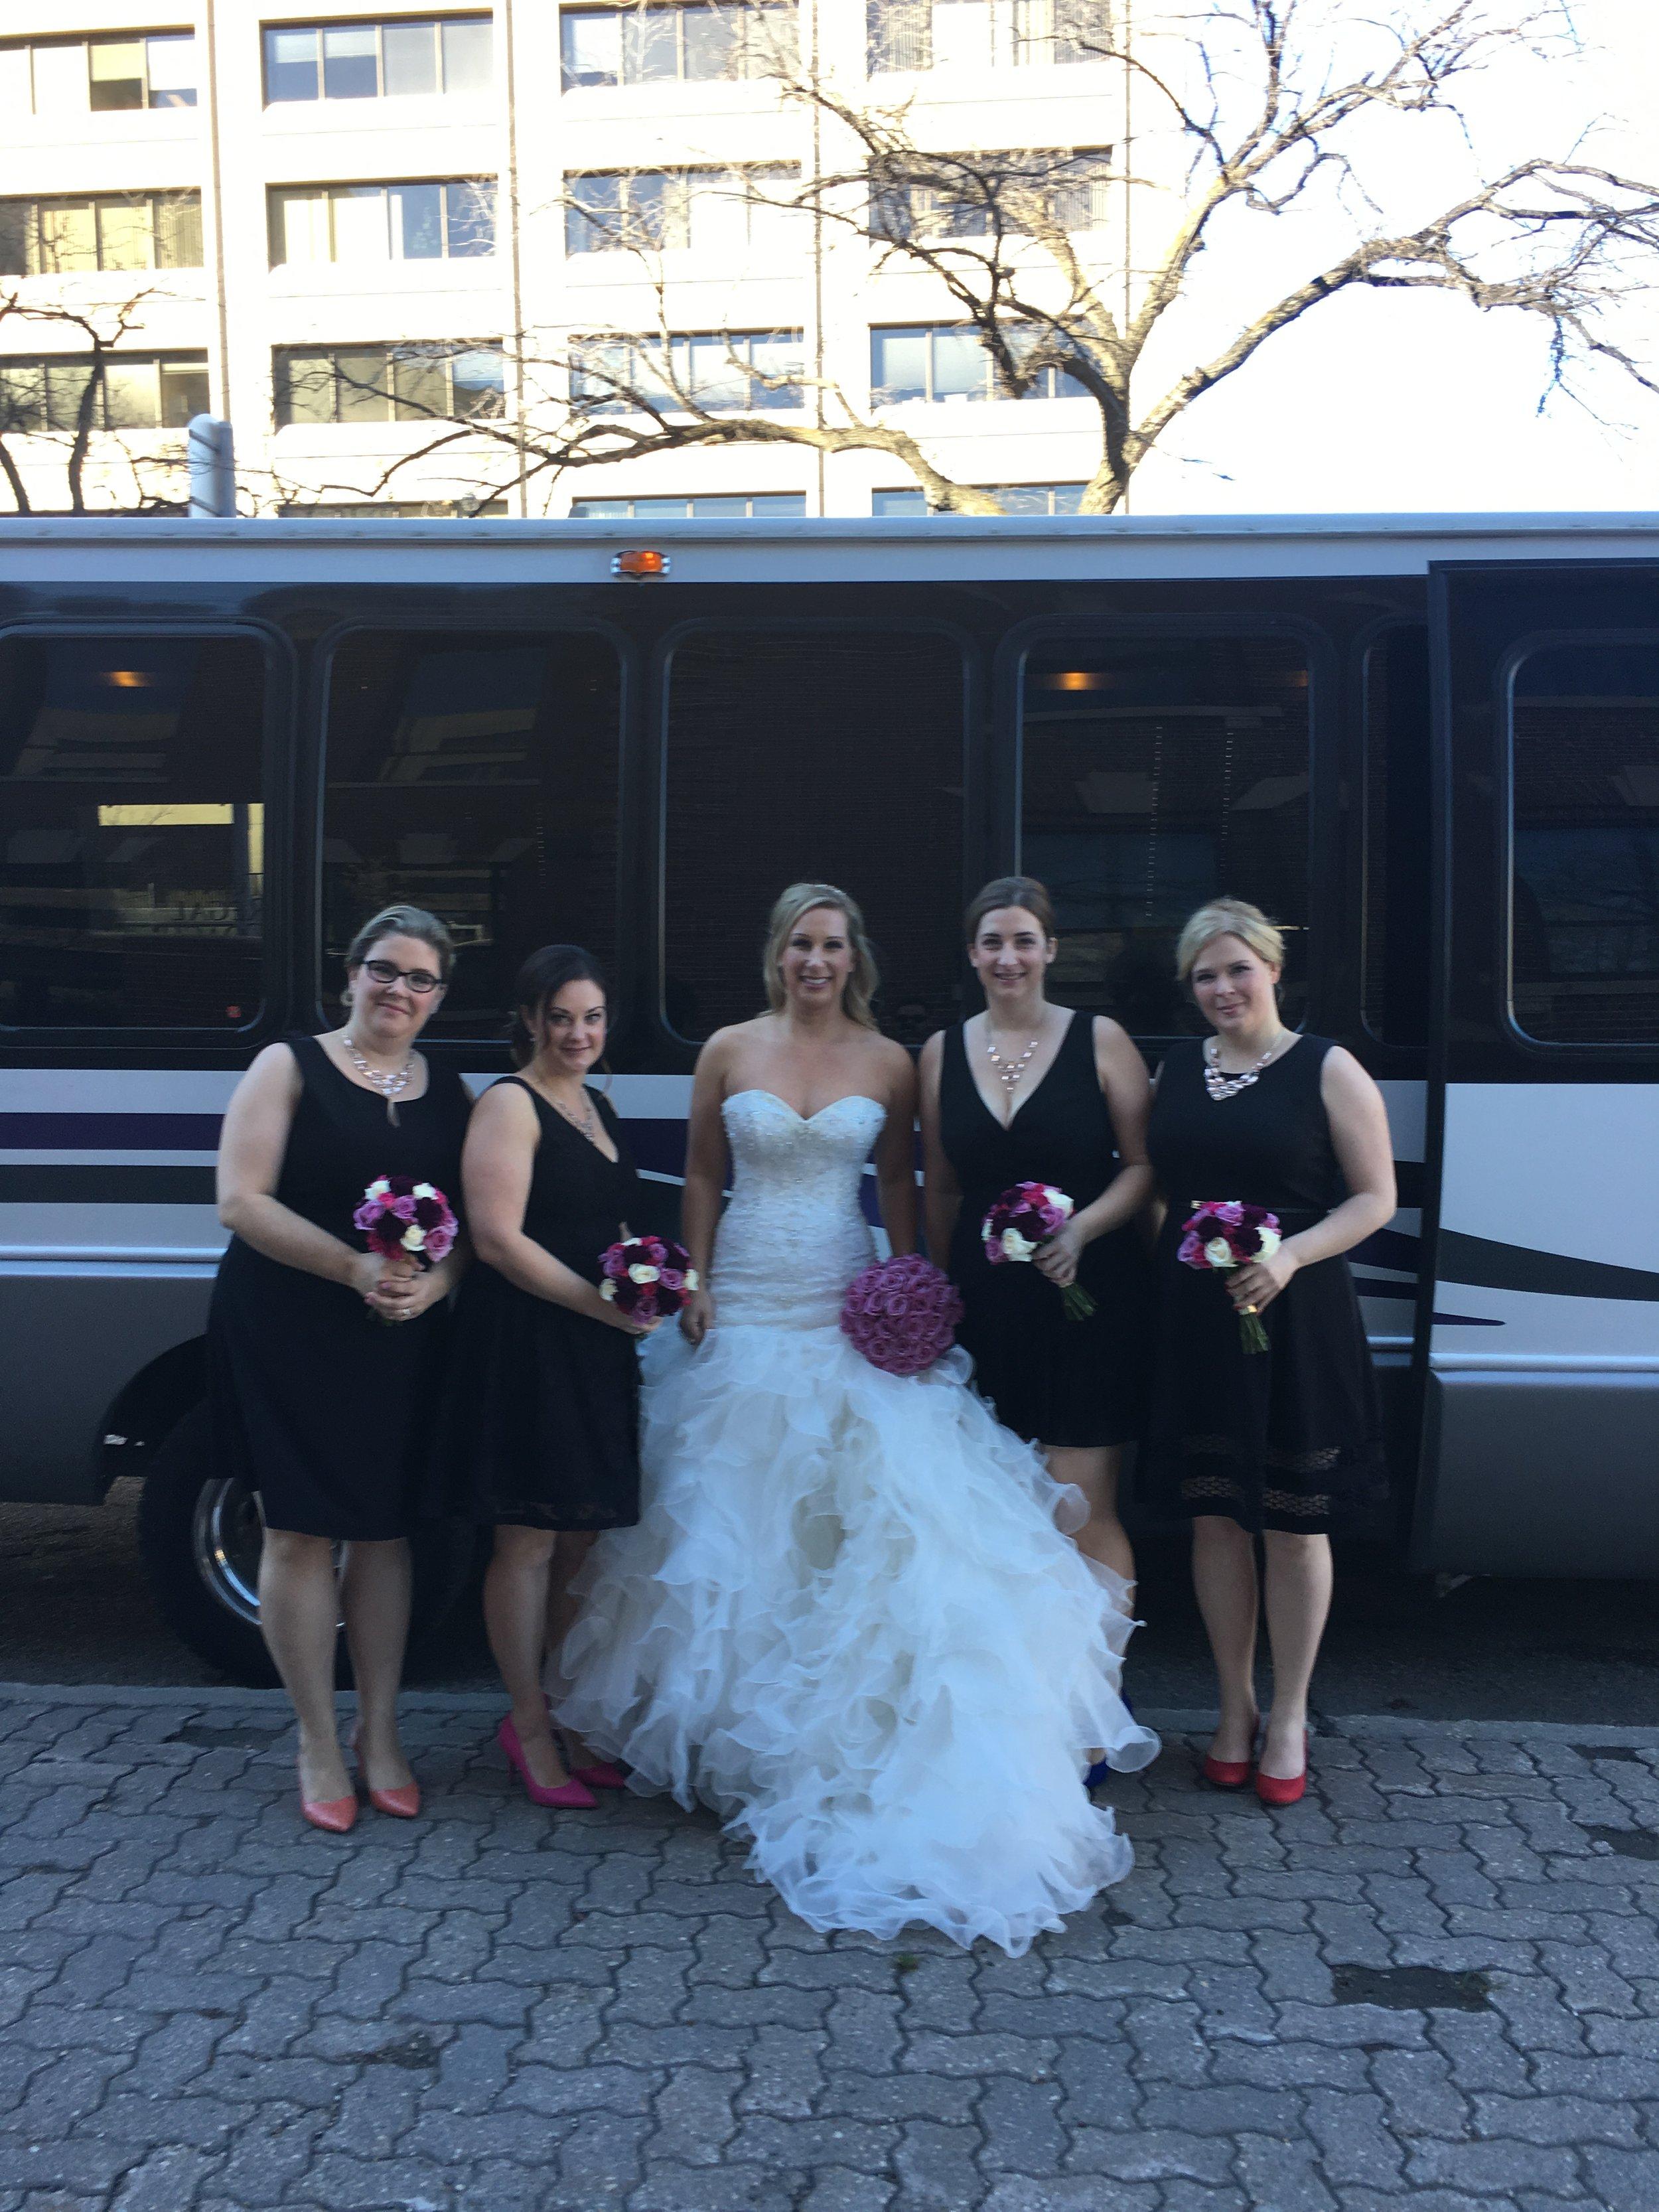 Karen and bridesmaids